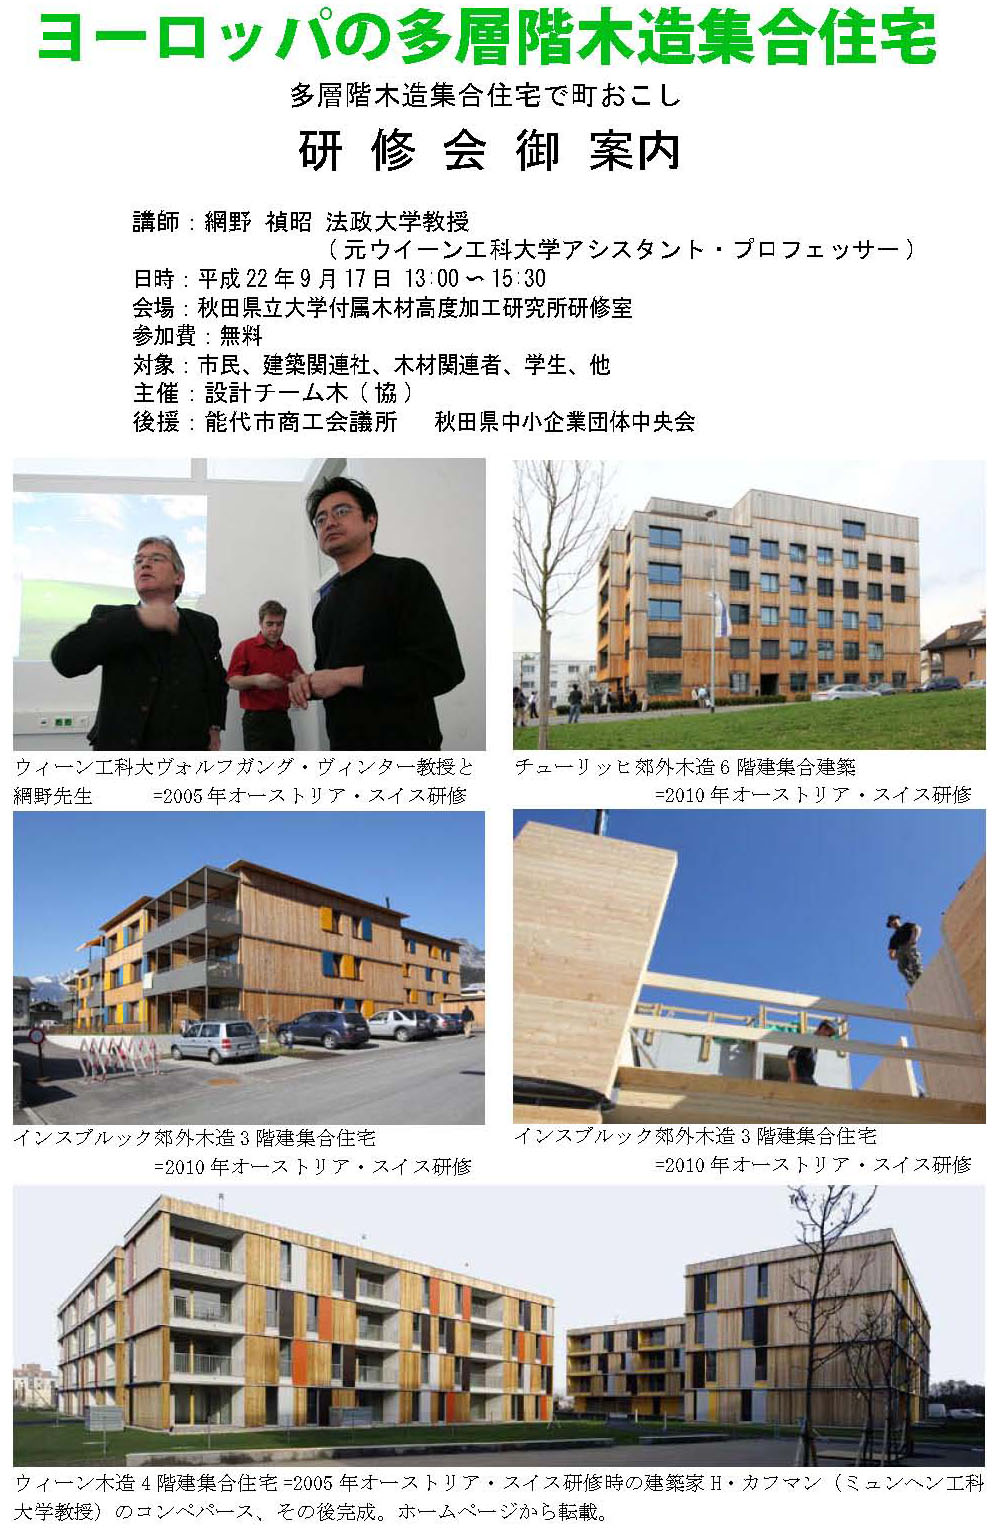 ヨーロッパの木造多層階集合住宅の畠町展示_e0054299_13423436.jpg